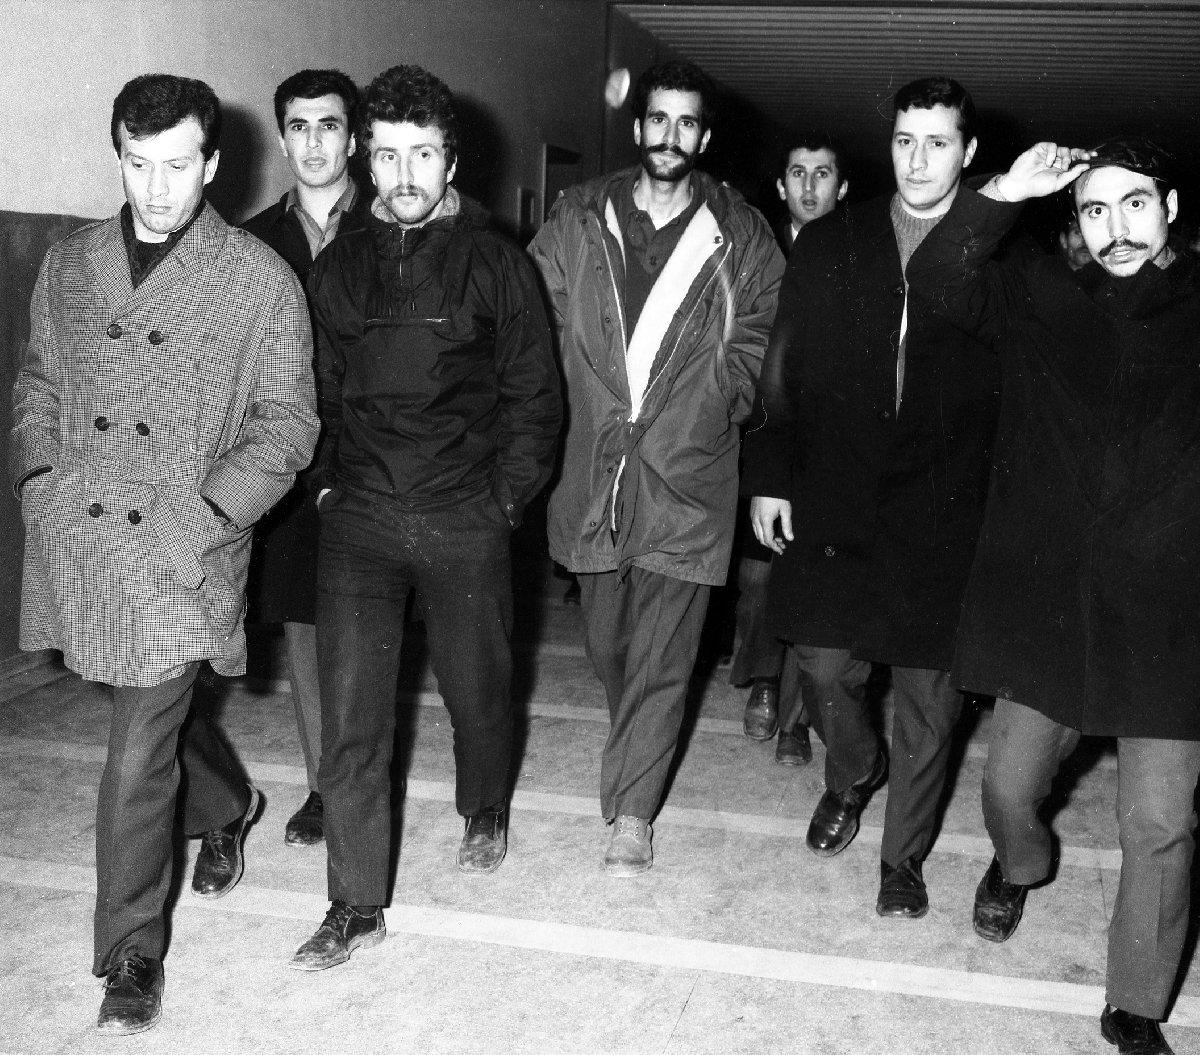 Üç fidan Deniz Gezmiş ve arkadaşlarının idam edilişinin 49. yılı